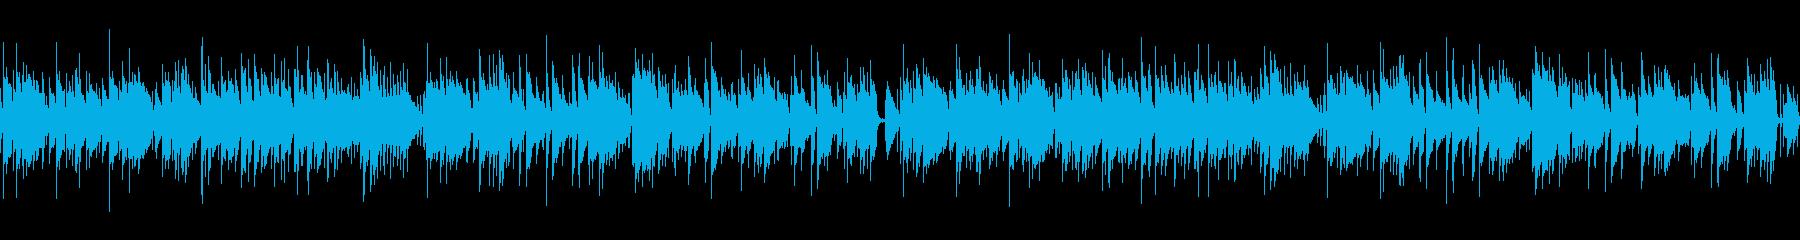 【ギター&パーカッションのみ・ループ】の再生済みの波形